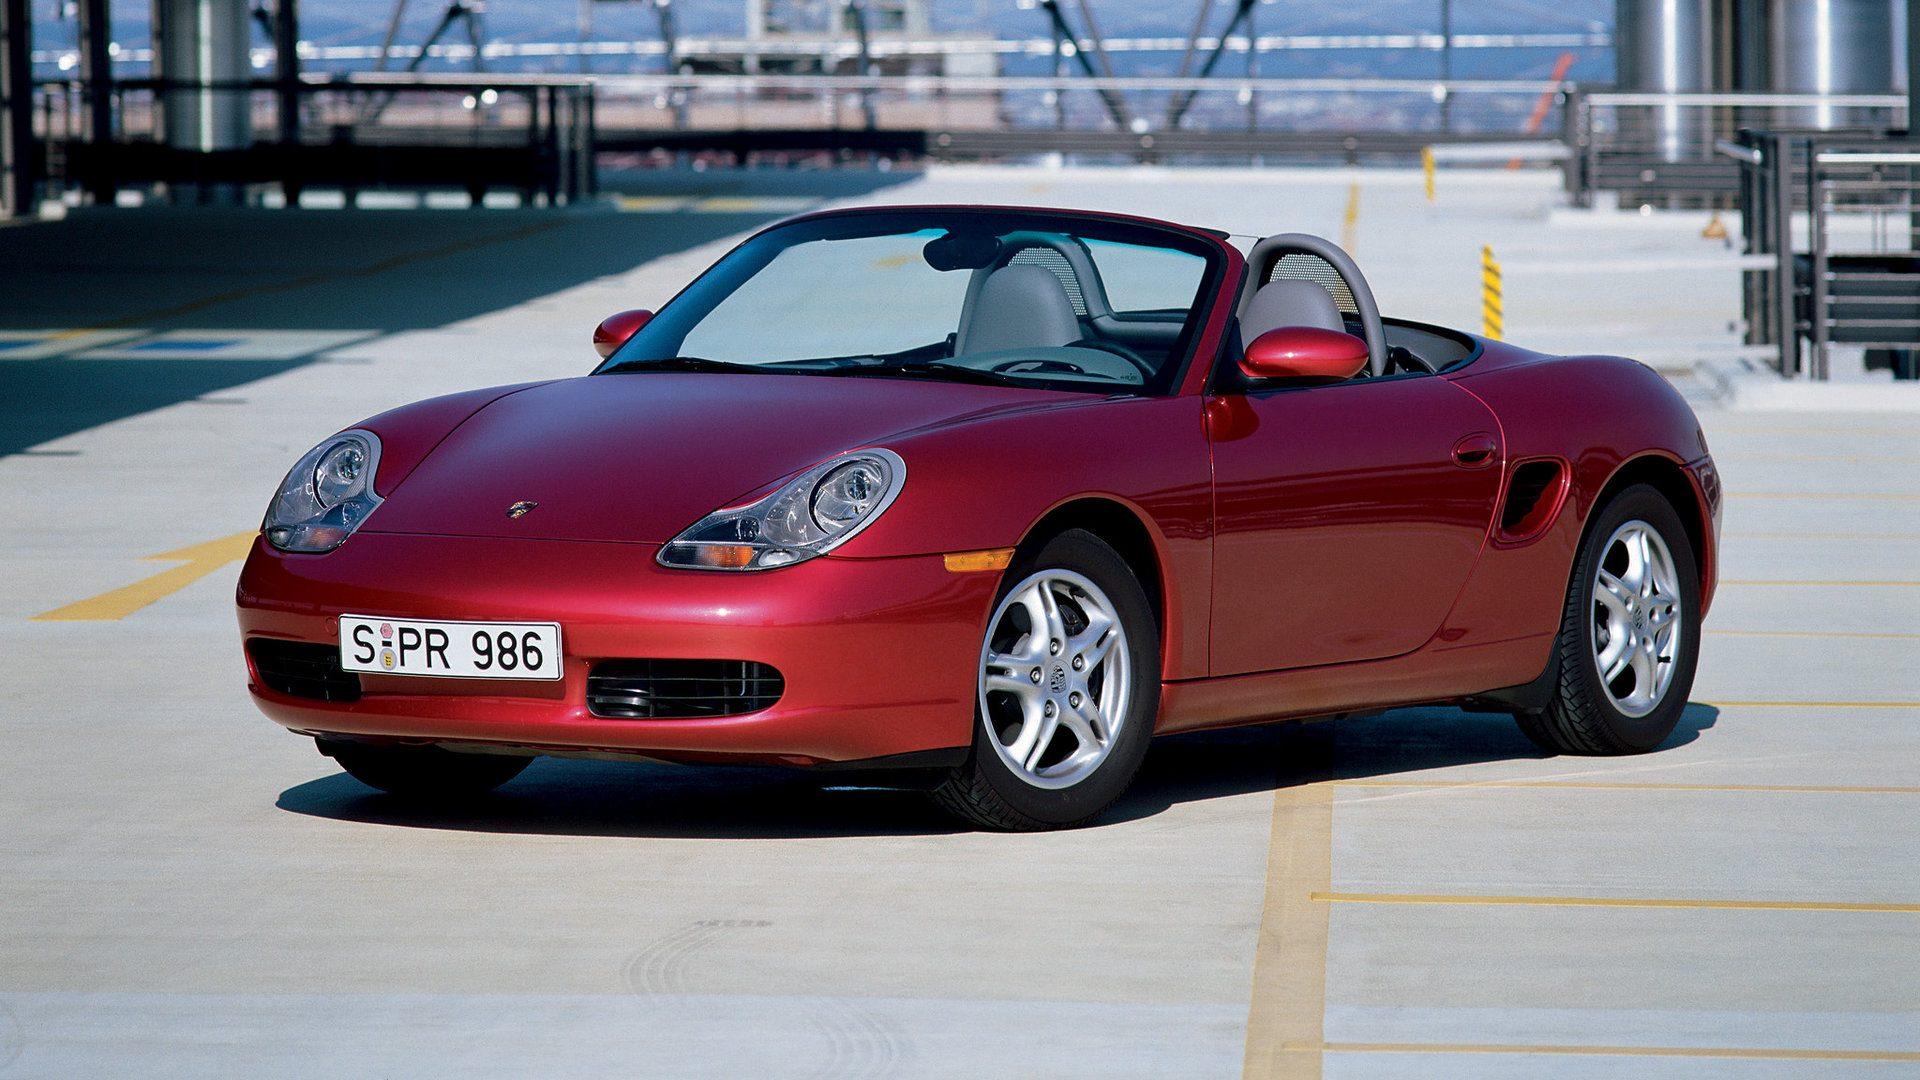 Coche del día: Porsche Boxster 2.5 (986)